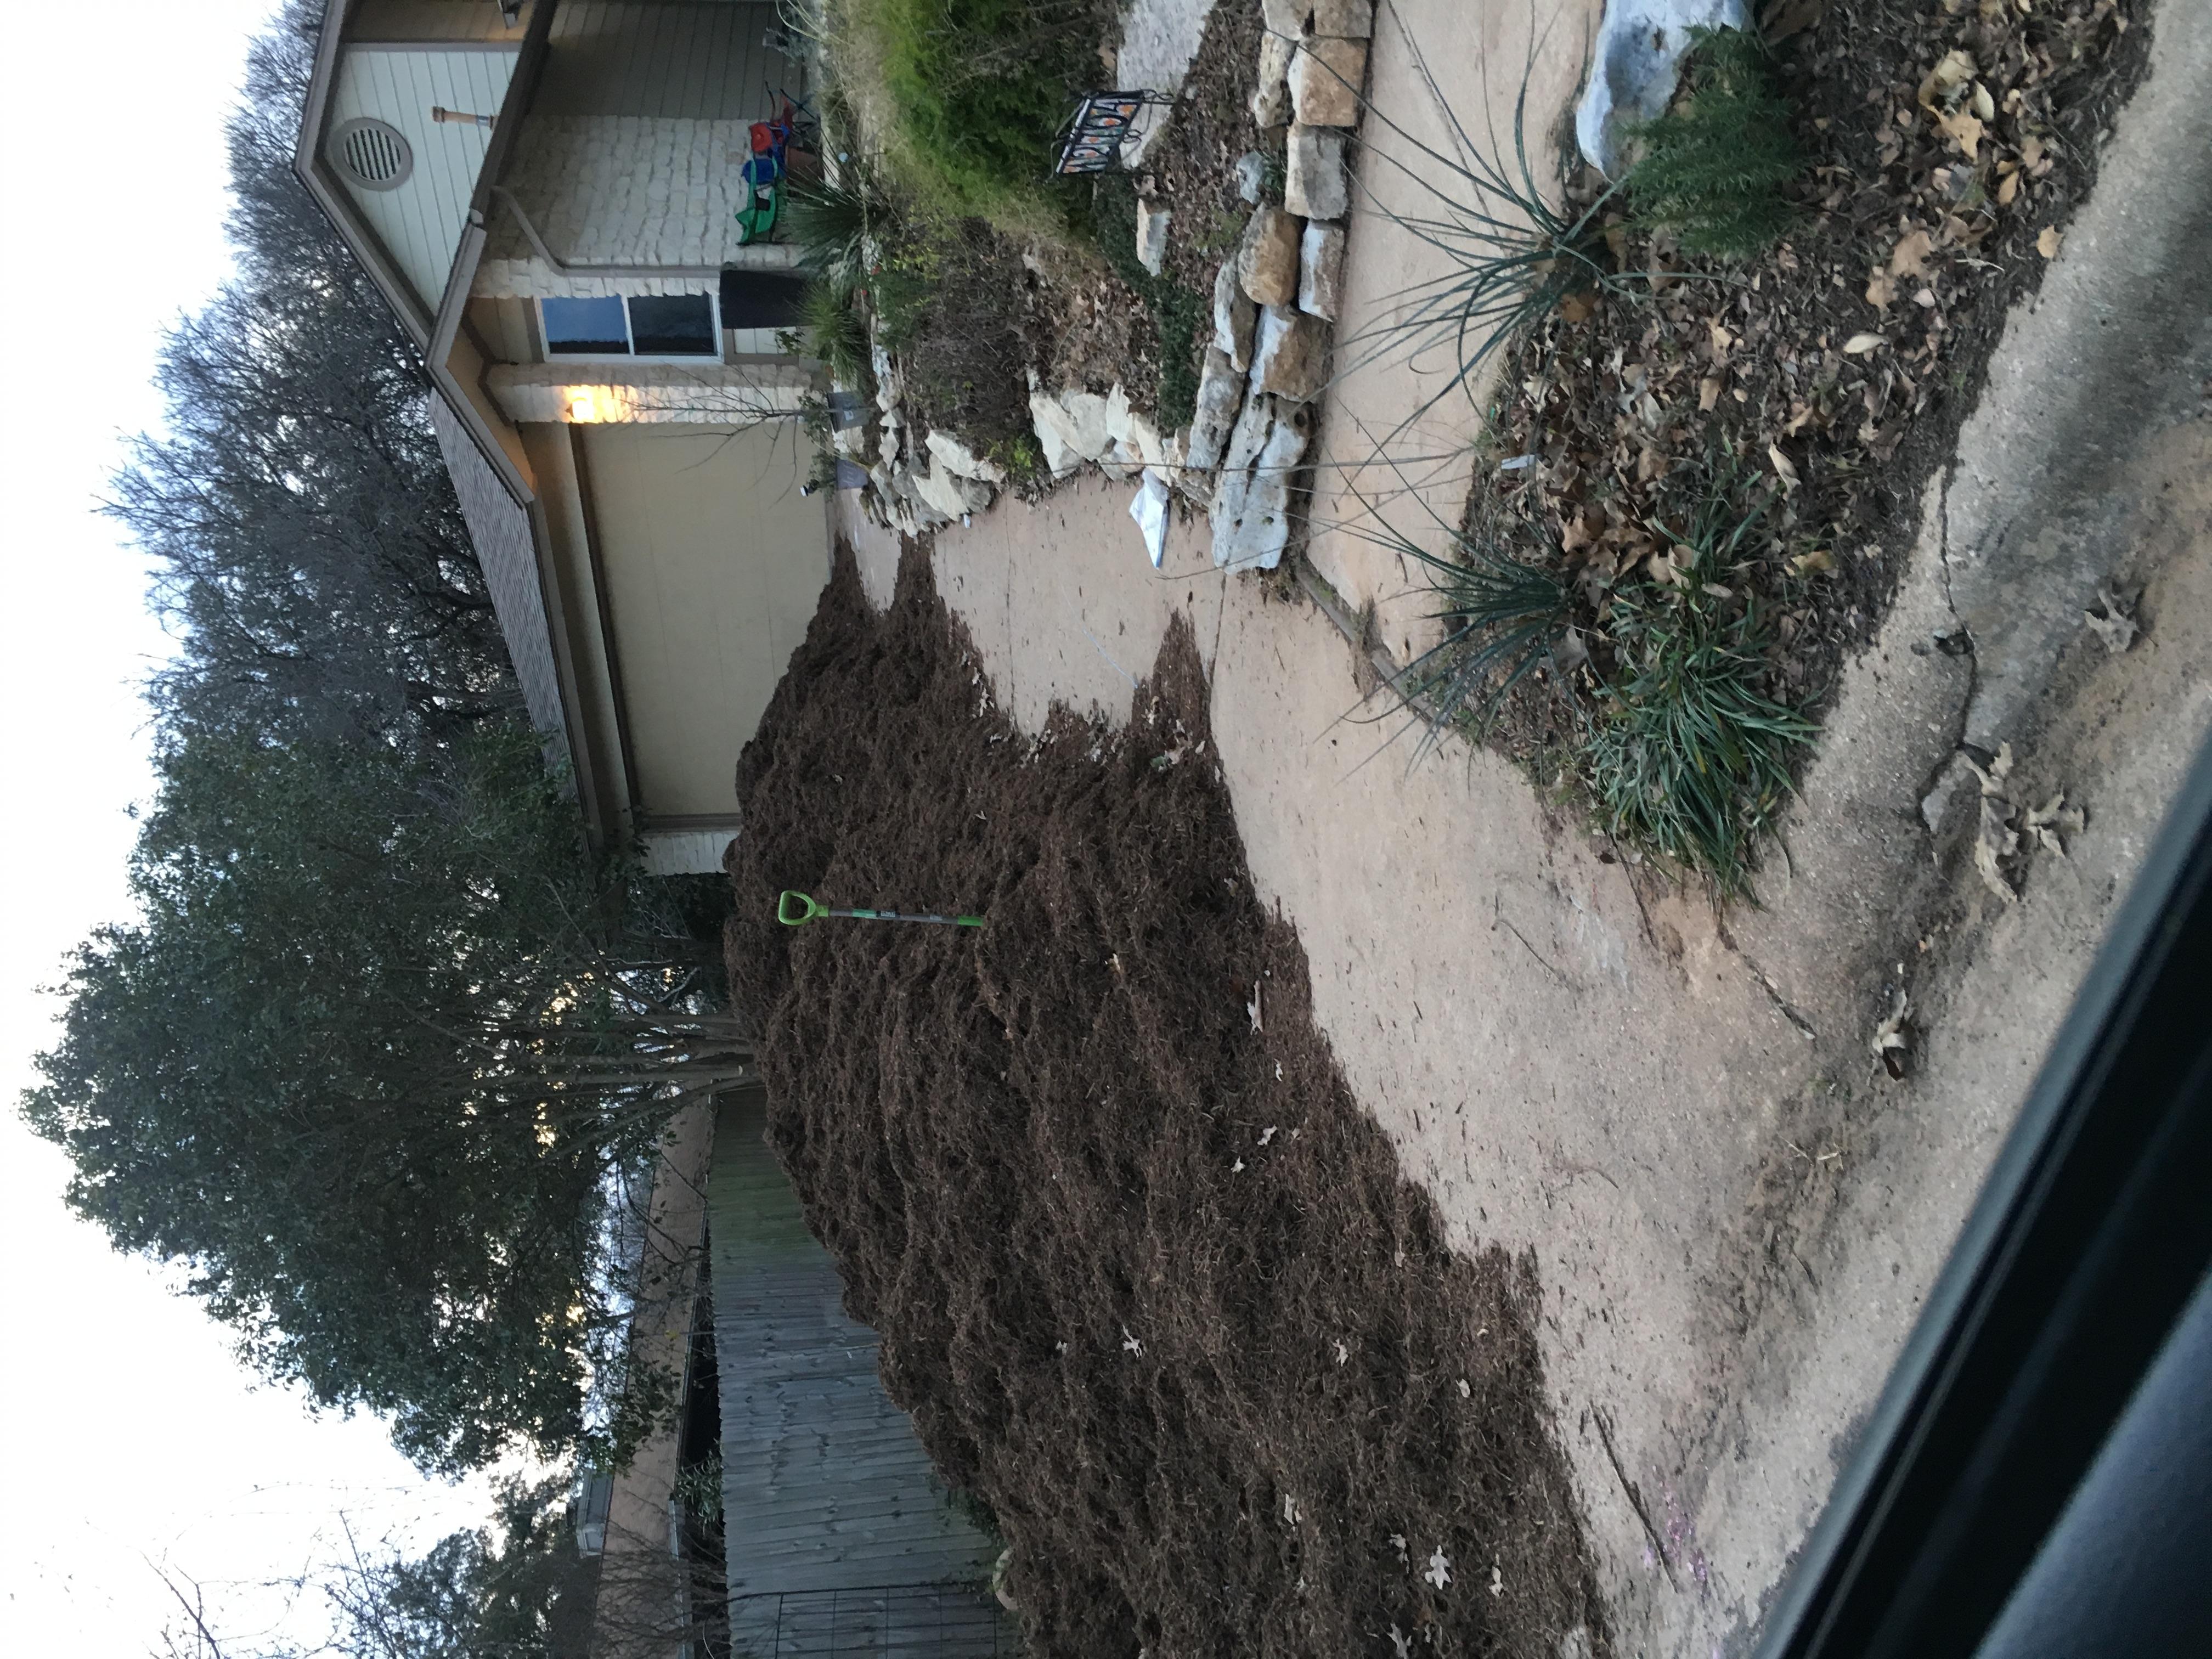 Horticulturati: The Mulch Episode